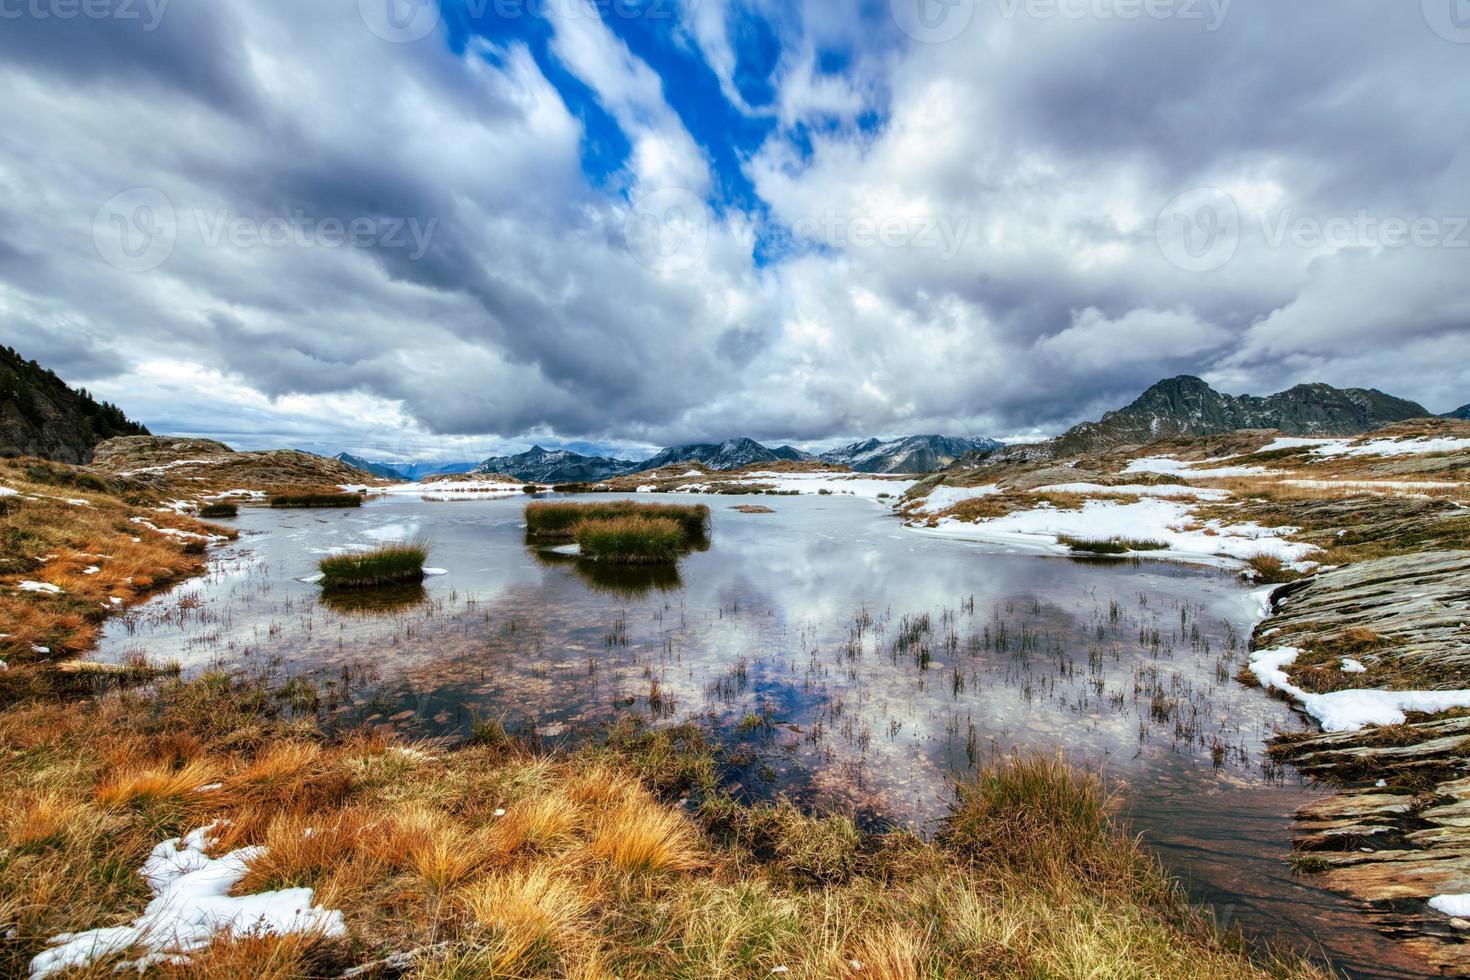 principios de otoño en un pequeño lago en los alpes italianos foto